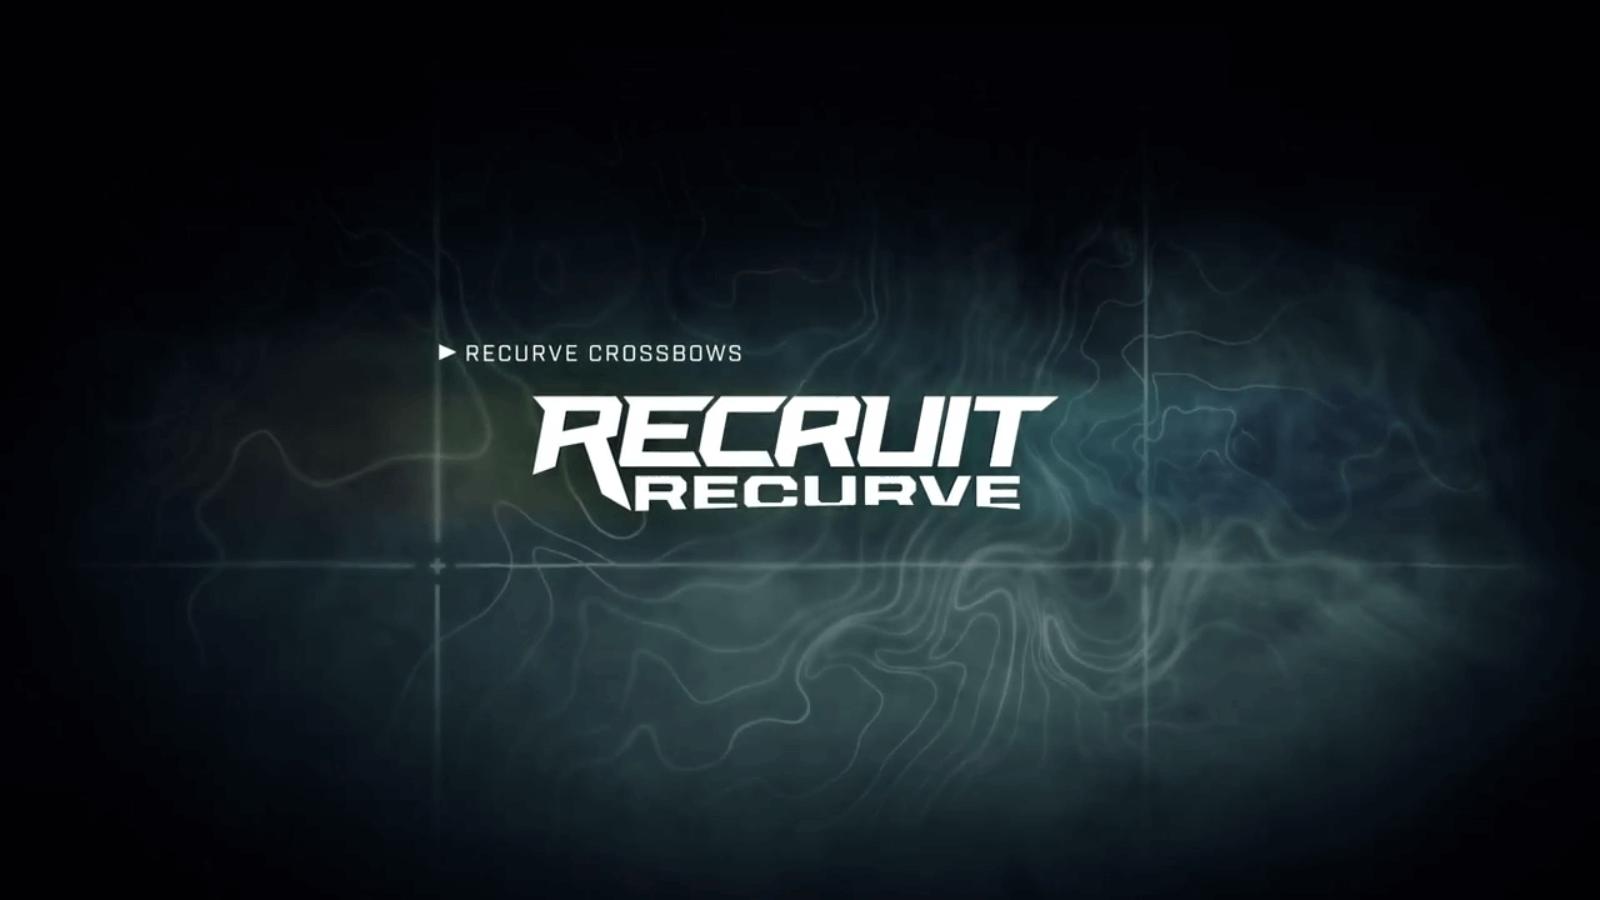 Recruit Recurve